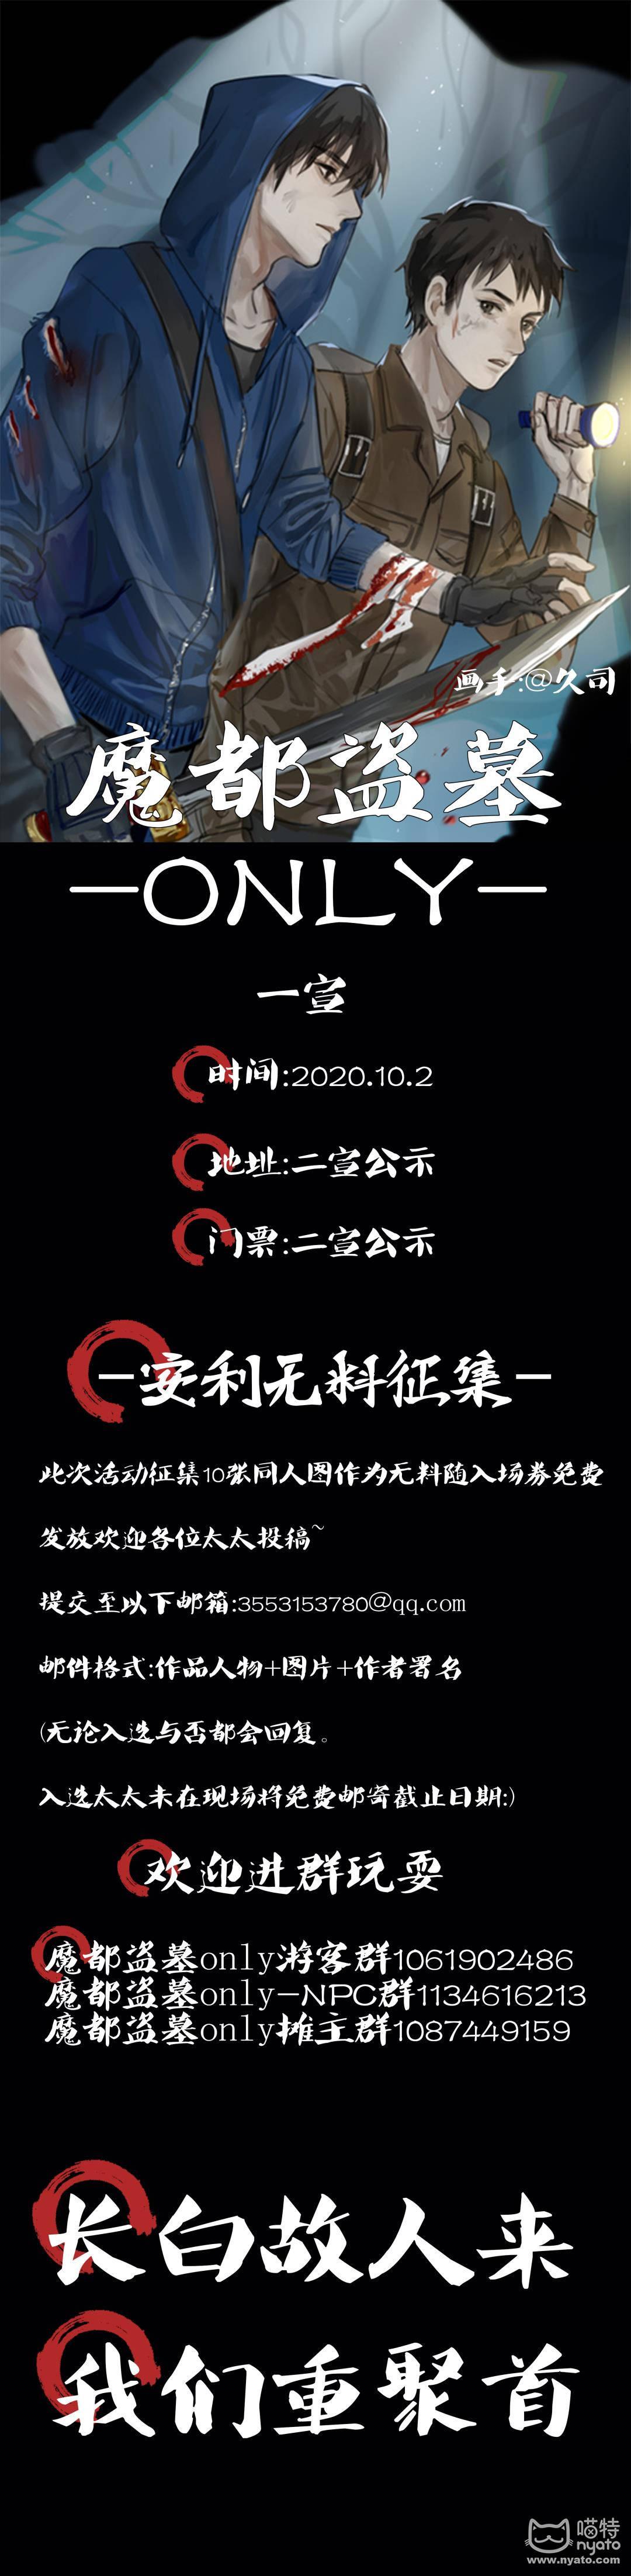 QQ图片20200811150834.jpg